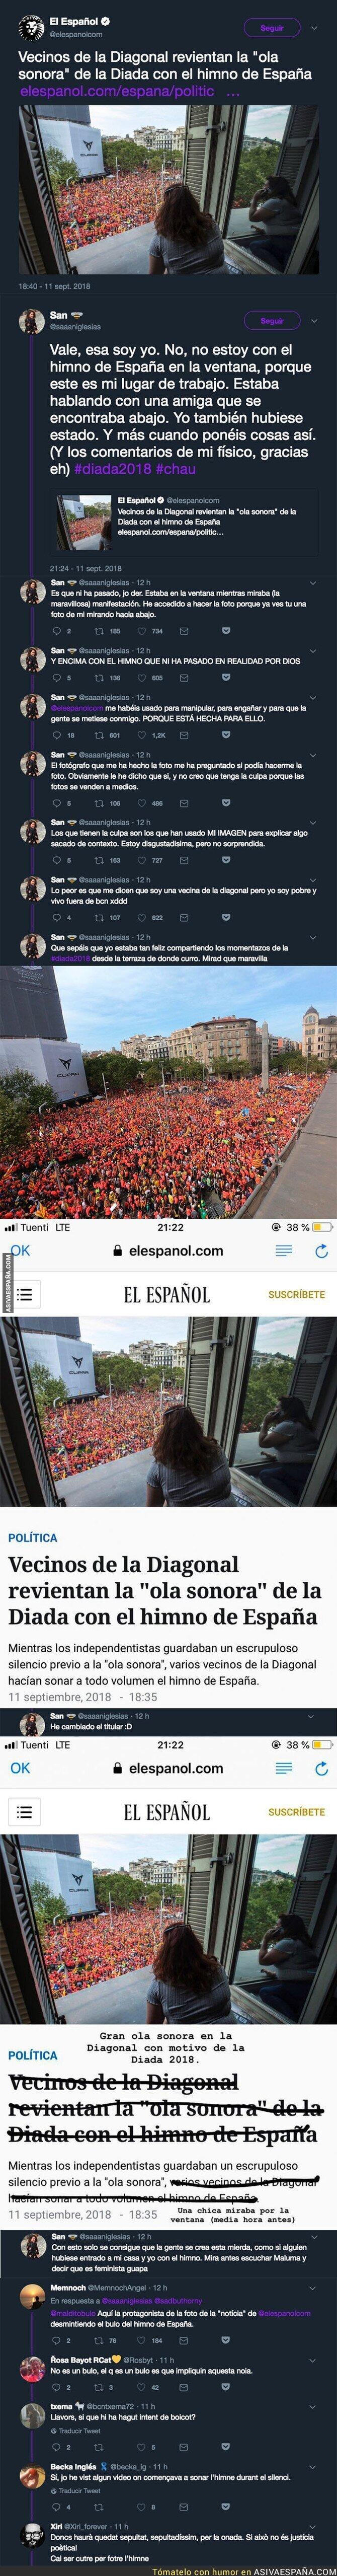 92976 - Pillan a 'El Español' manipulando descaradamente sobre una chica implicándola en poner el himno de España durante el minuto de silencio de La Diada